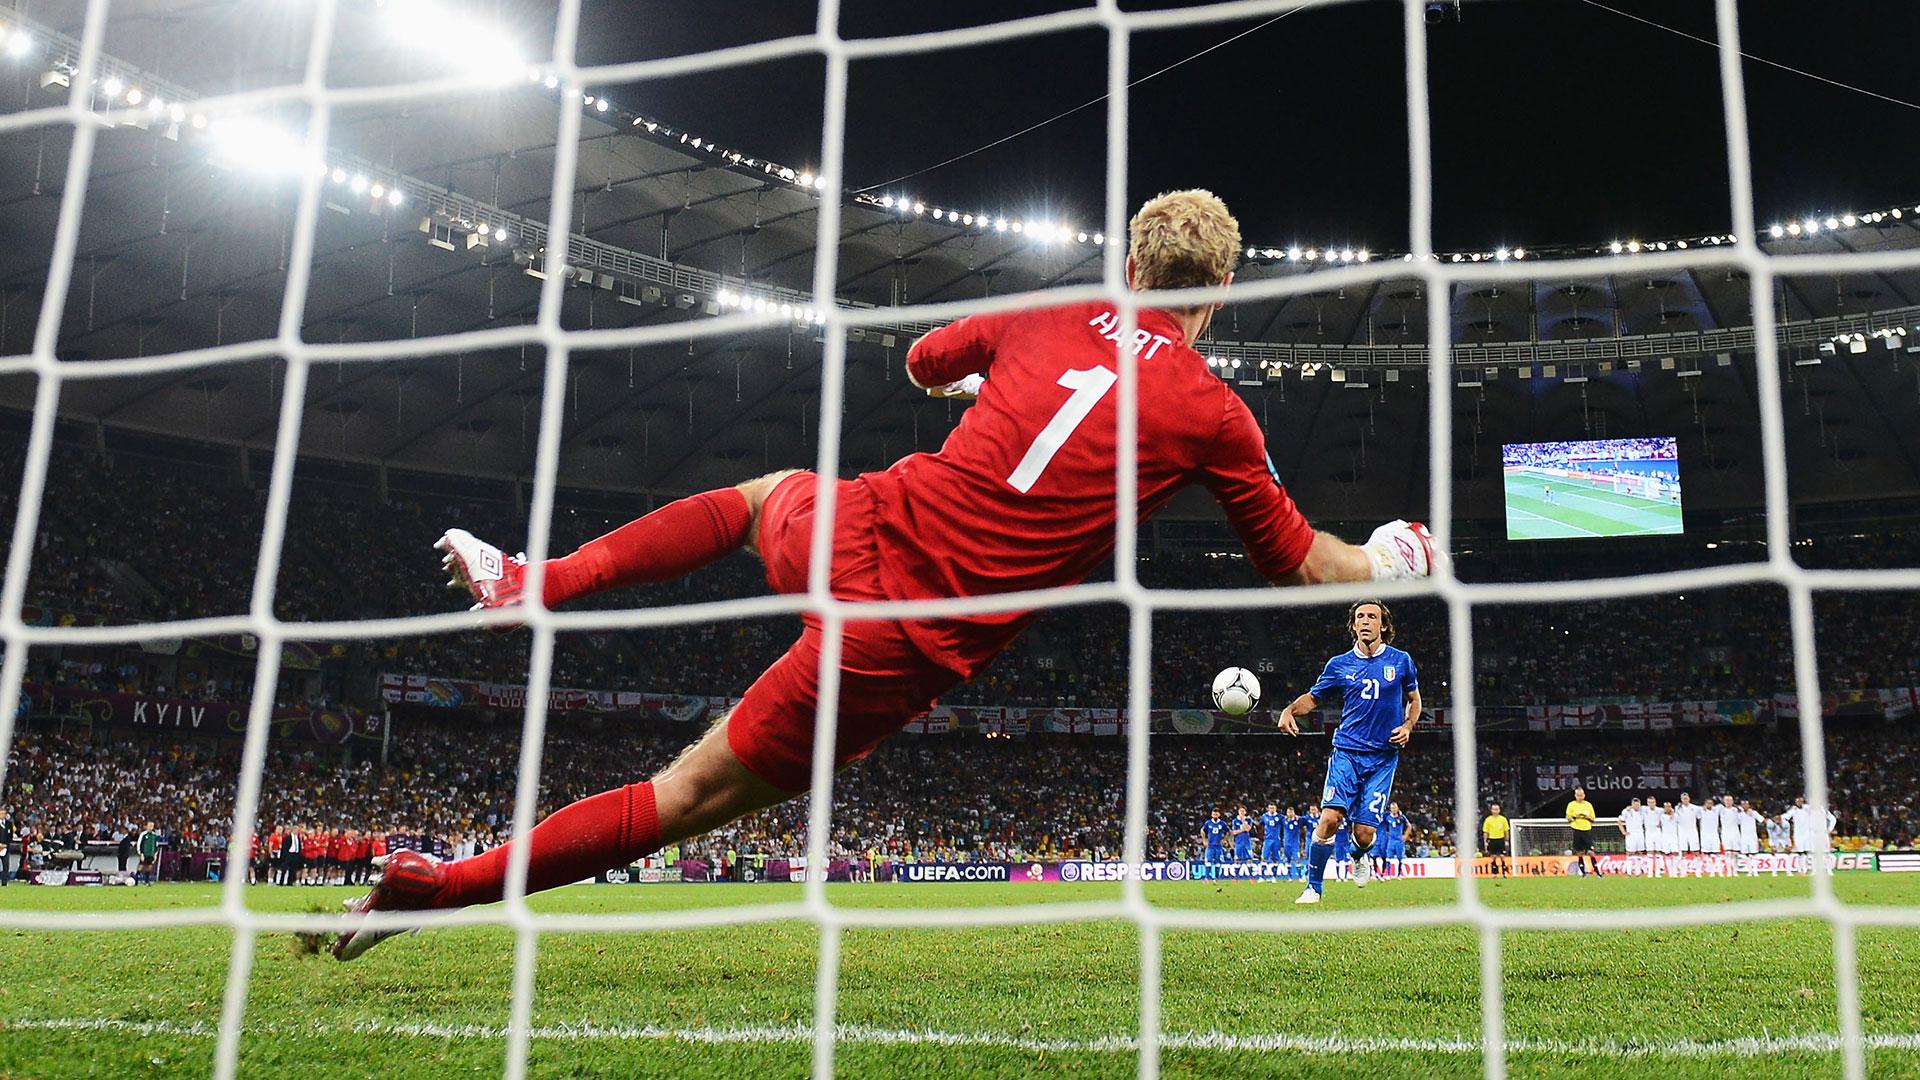 Andrea Pirlo Italy England Euro 2012